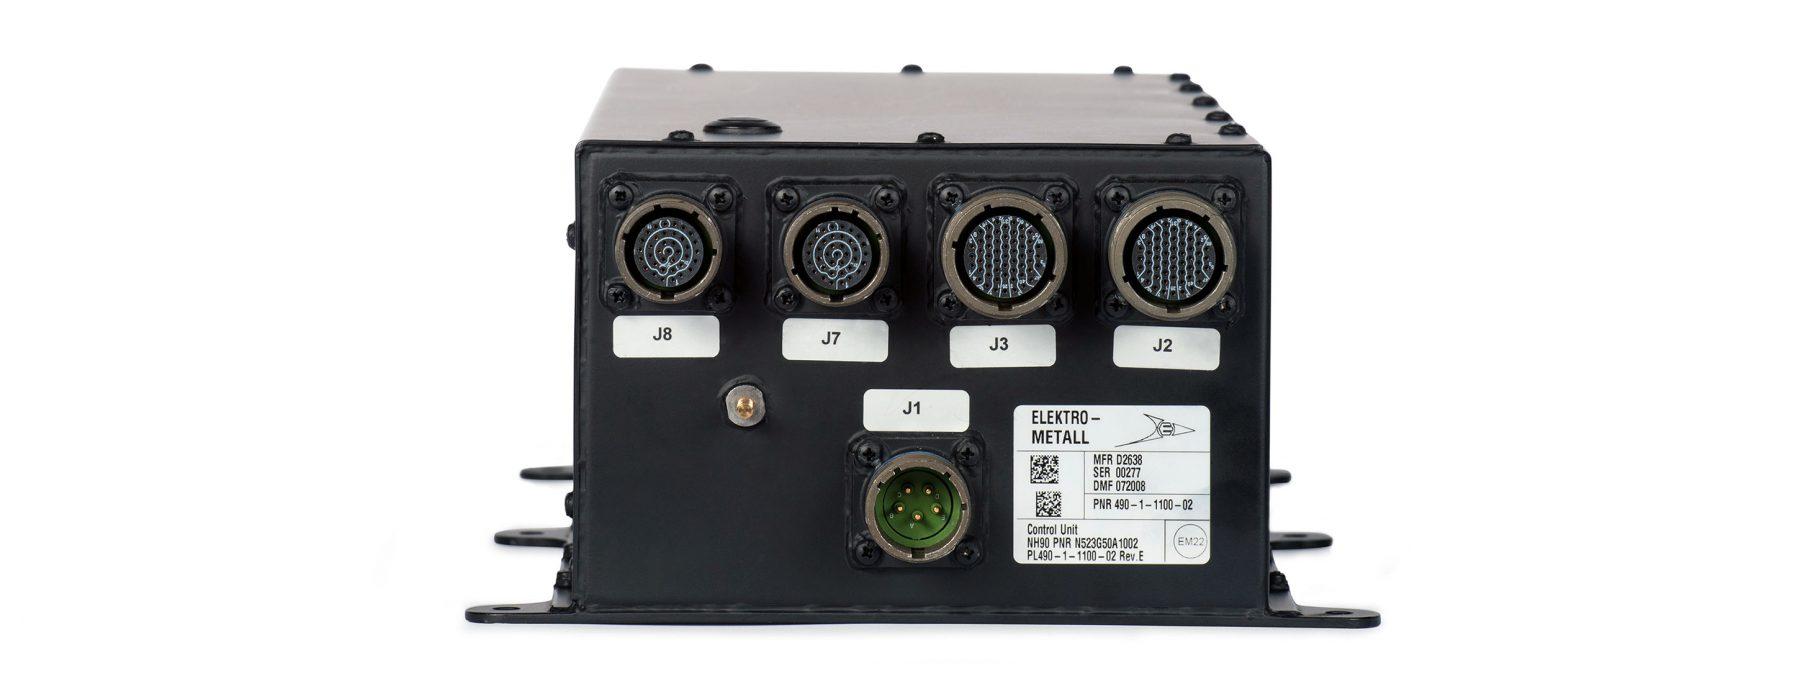 EME Control Unit Rheas 490-1